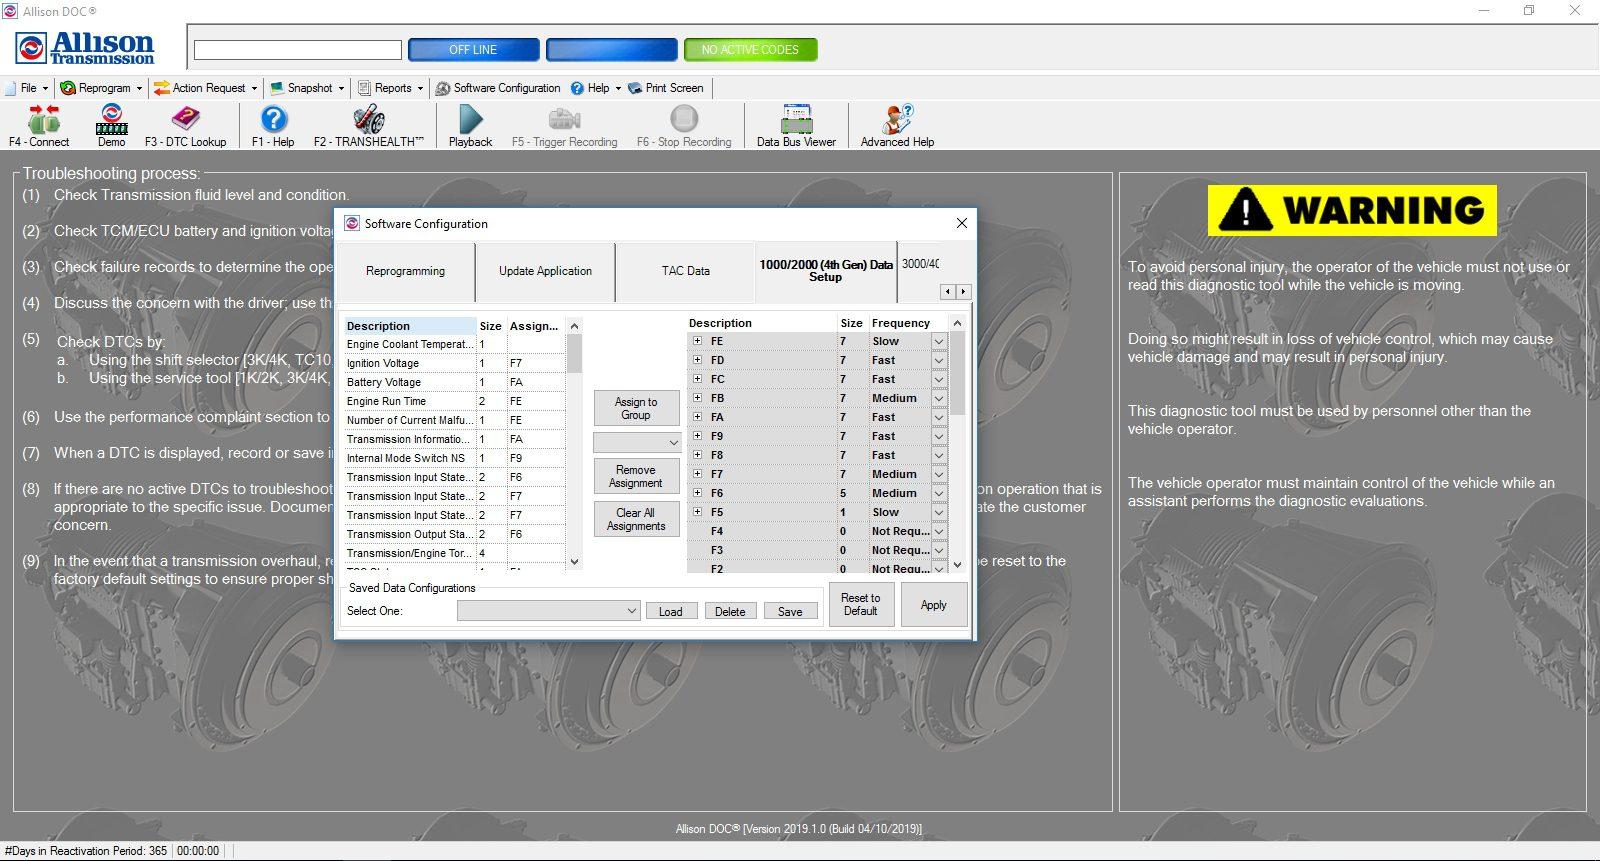 Universal_Allison_DOC_v201910_Build_042019_Transmission_Diagnostic_Software_Full_Instruction_16